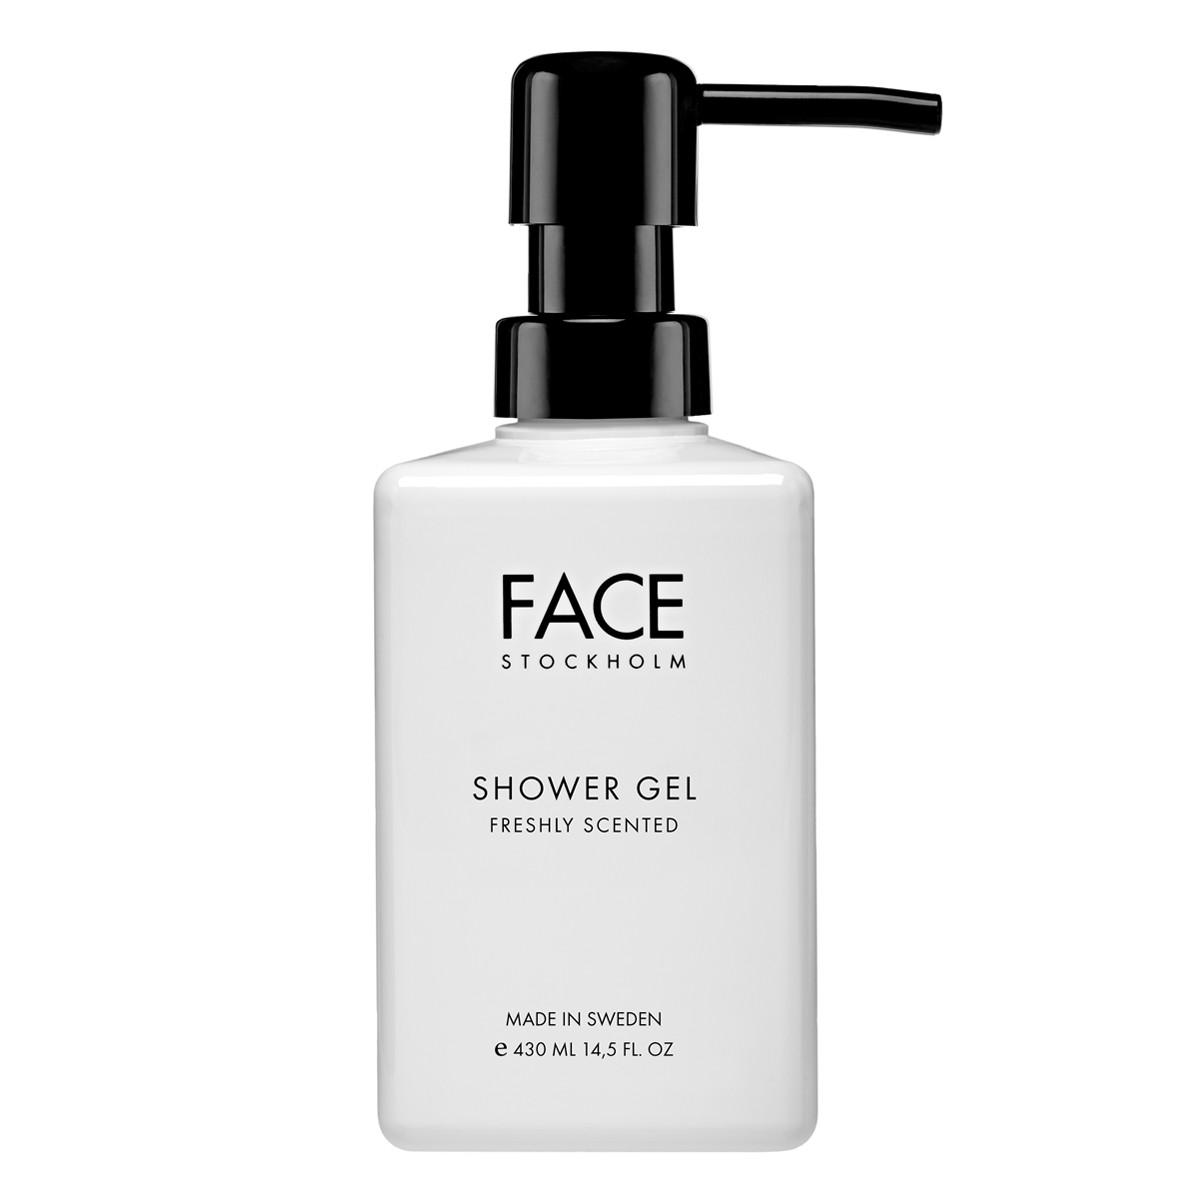 0002 FS 950 053 ShowerGel